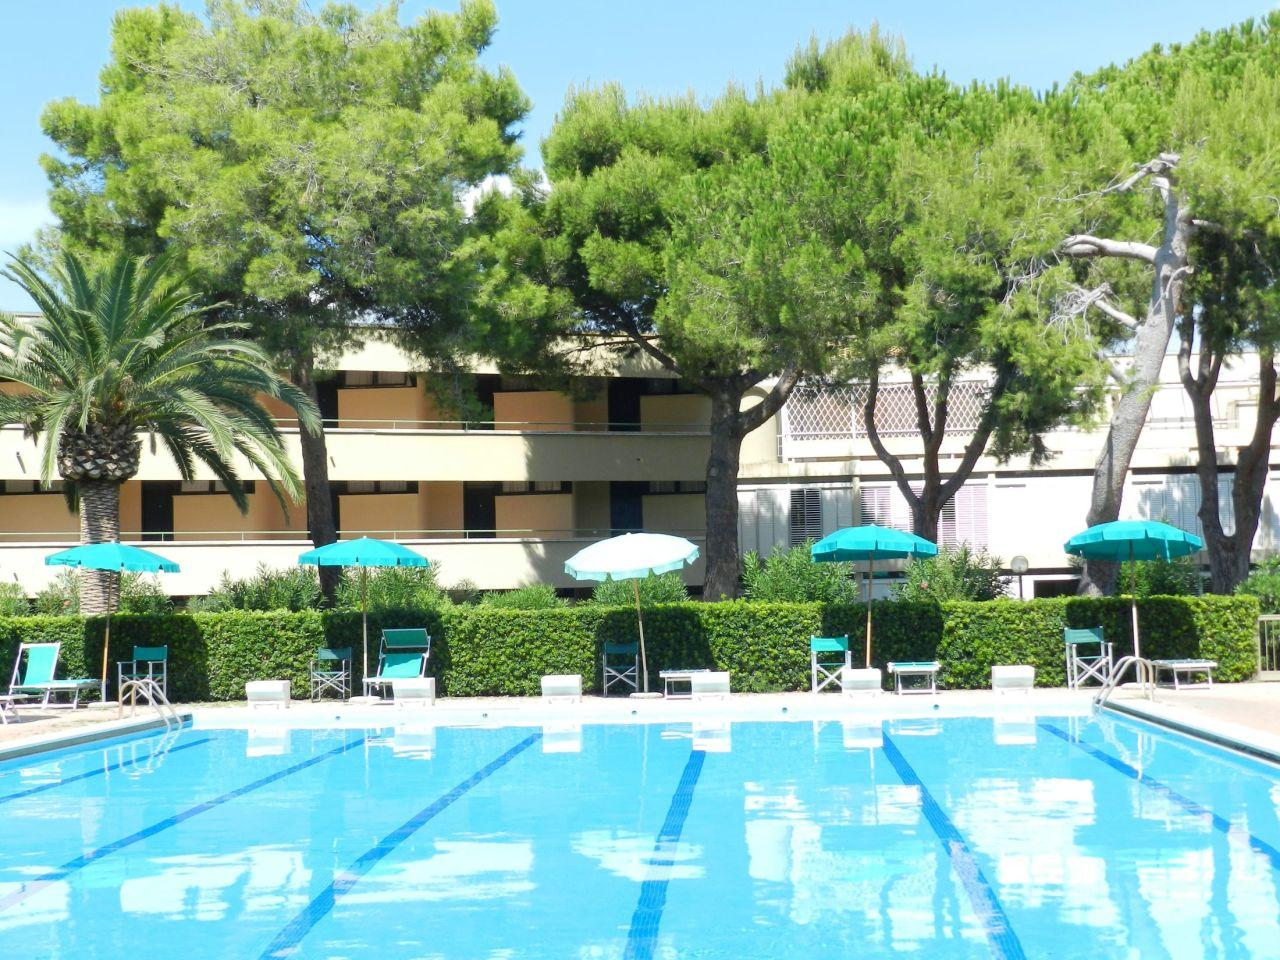 Appartamento in vendita a Bibbona, 2 locali, prezzo € 90.000 | PortaleAgenzieImmobiliari.it